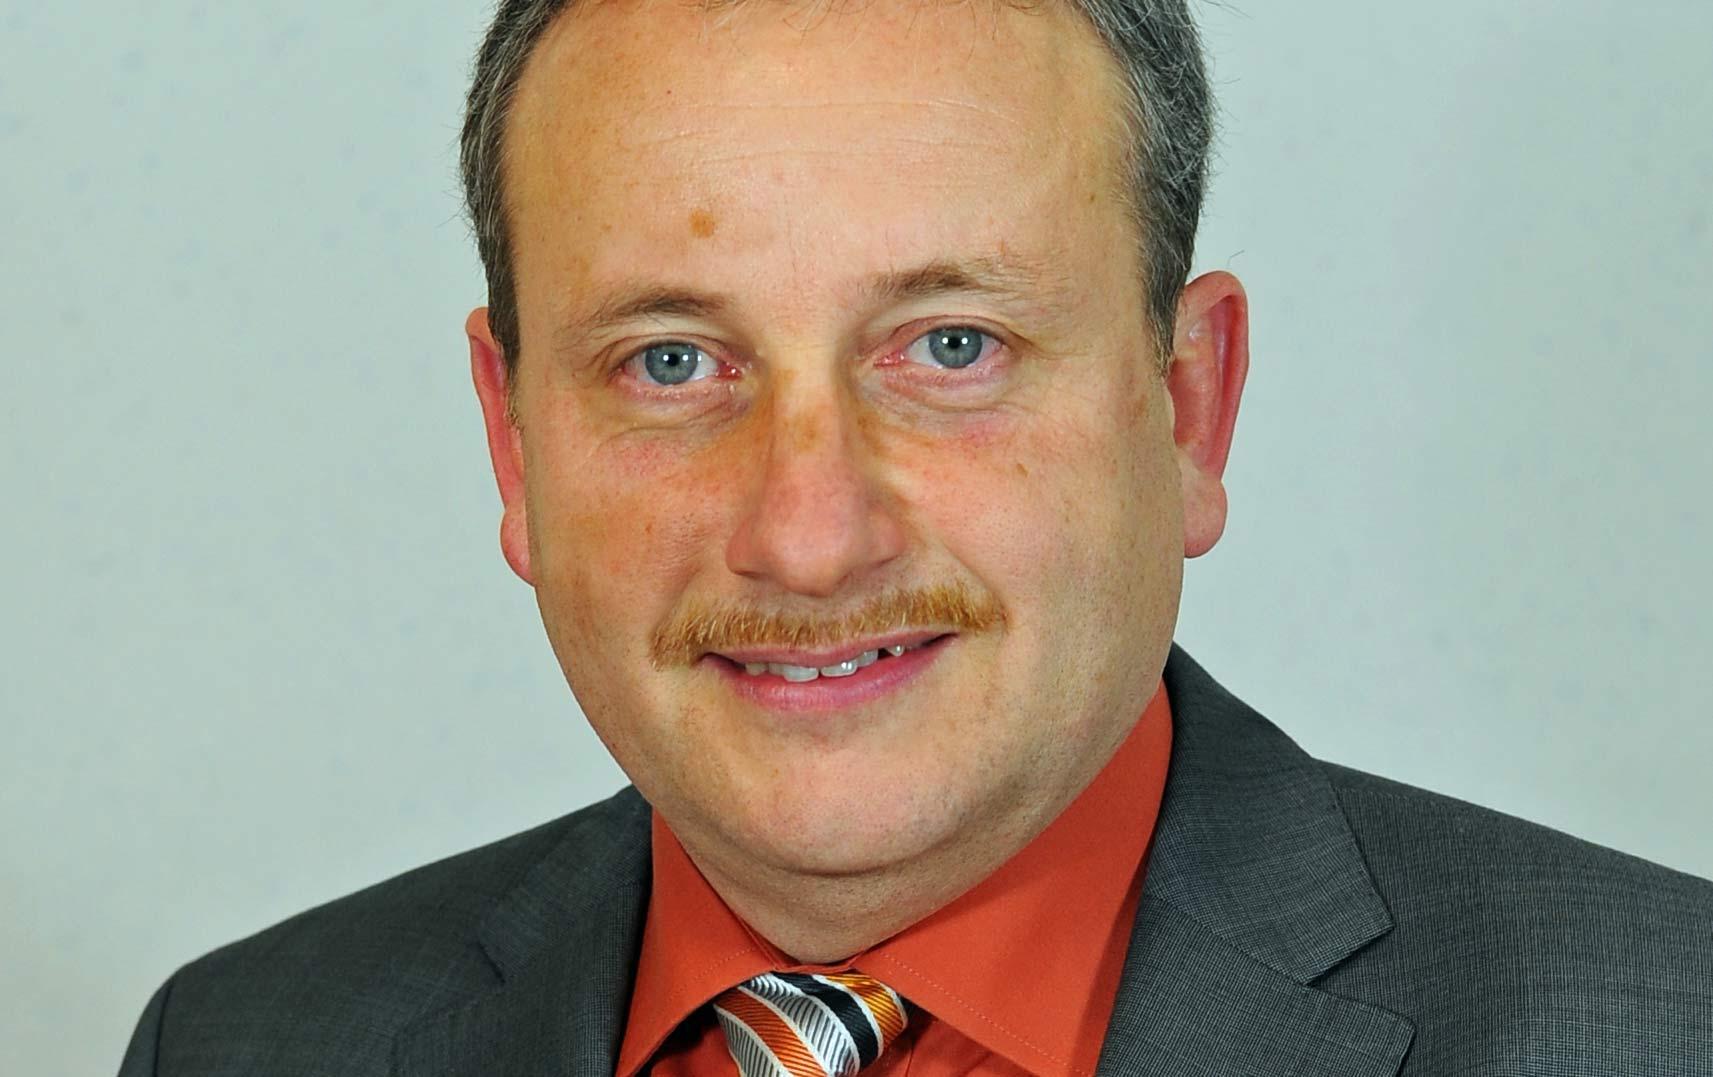 Walter Seiberl ist neuer Bürgermeister von dem knapp 3.000-Einwohner zählendem Ort Oberndorf an der Melk.(Bild: ZVG)